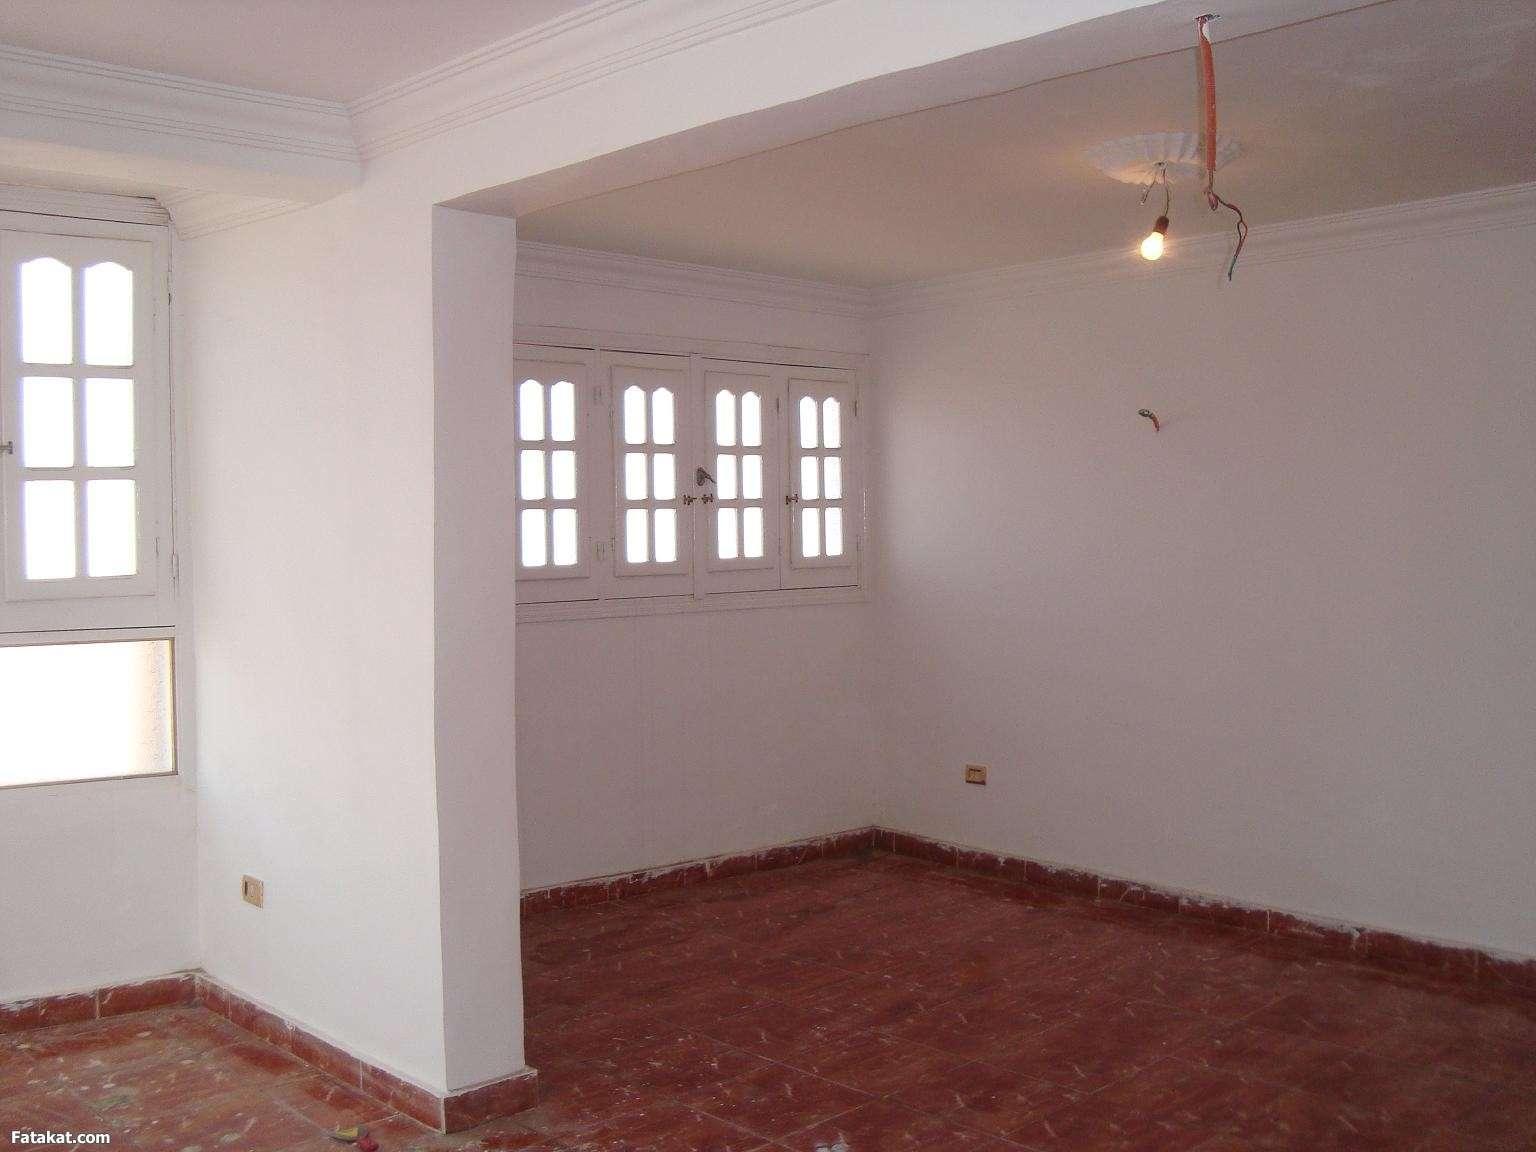 كل صور شقة الطوابق فيصل التحفة 13340195333930